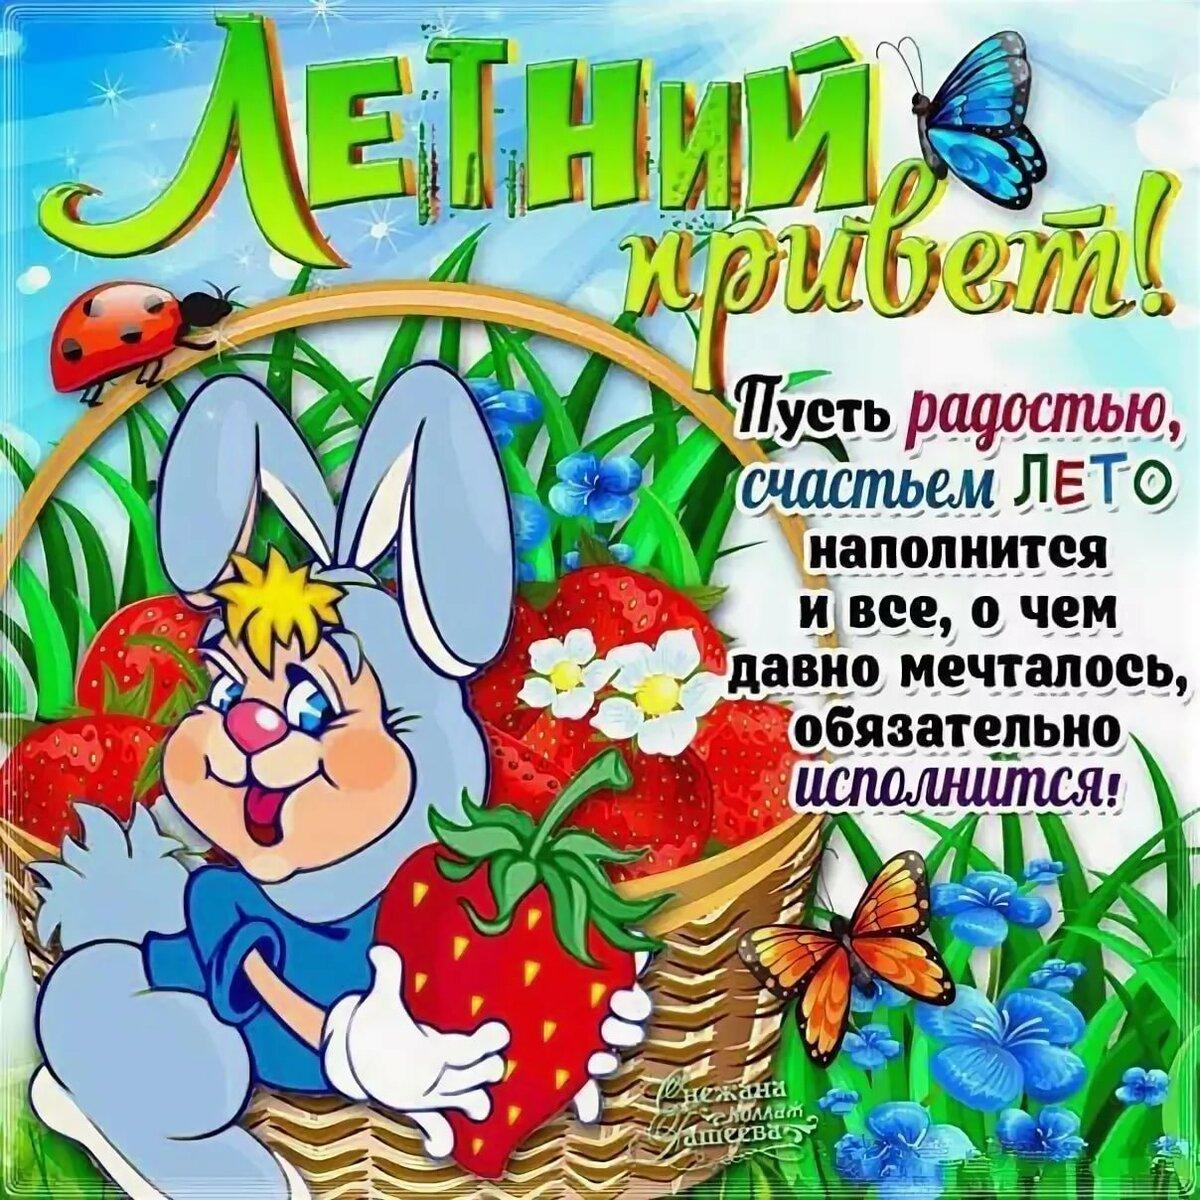 Картинки с надписями июньский привет, открытки надписью открытка